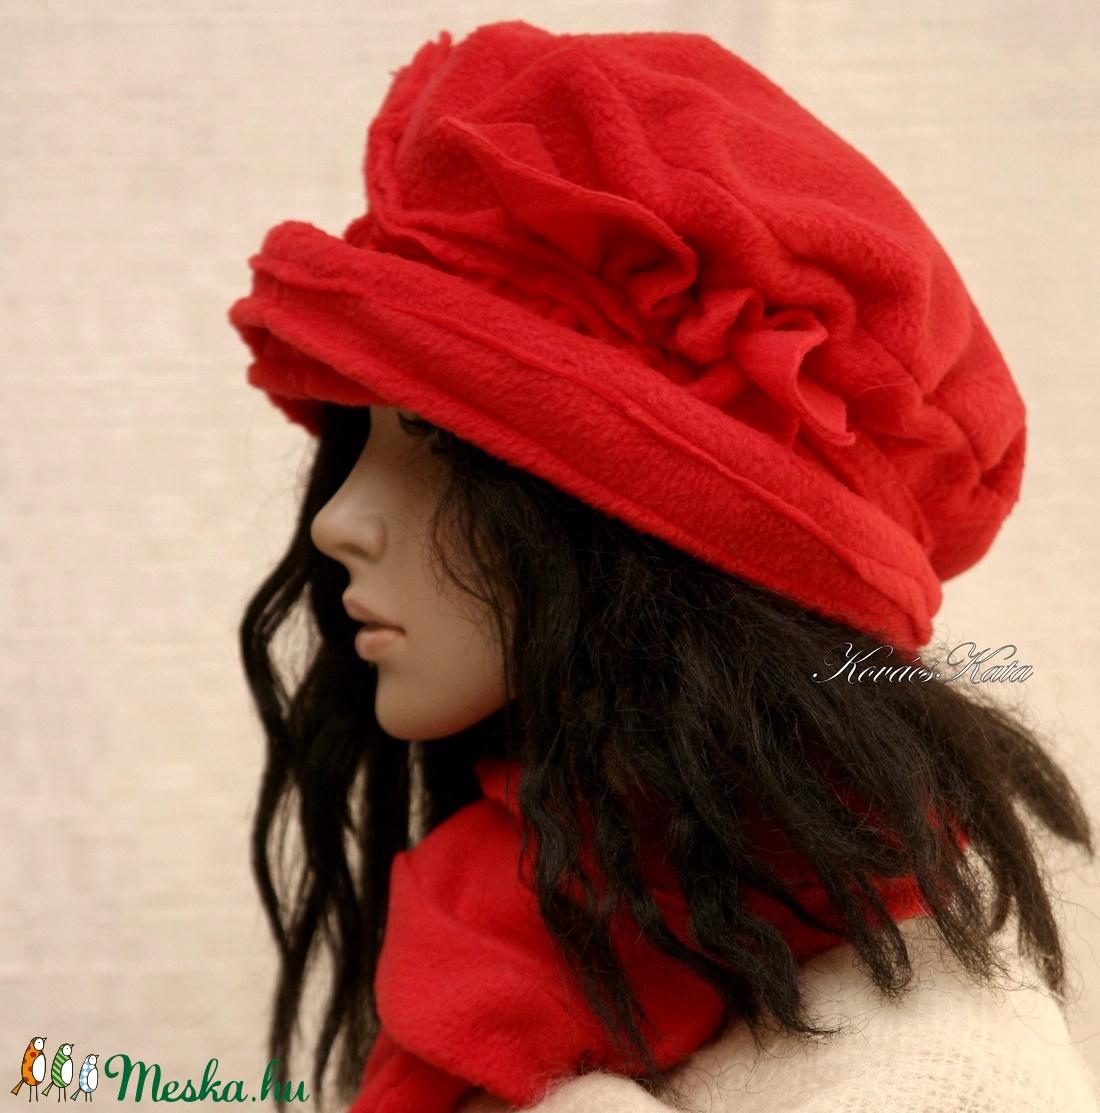 PILLE-szett / piros polár-kalap sállal - ruha & divat - sál, sapka, kendő - sapka & sál szett - Meska.hu